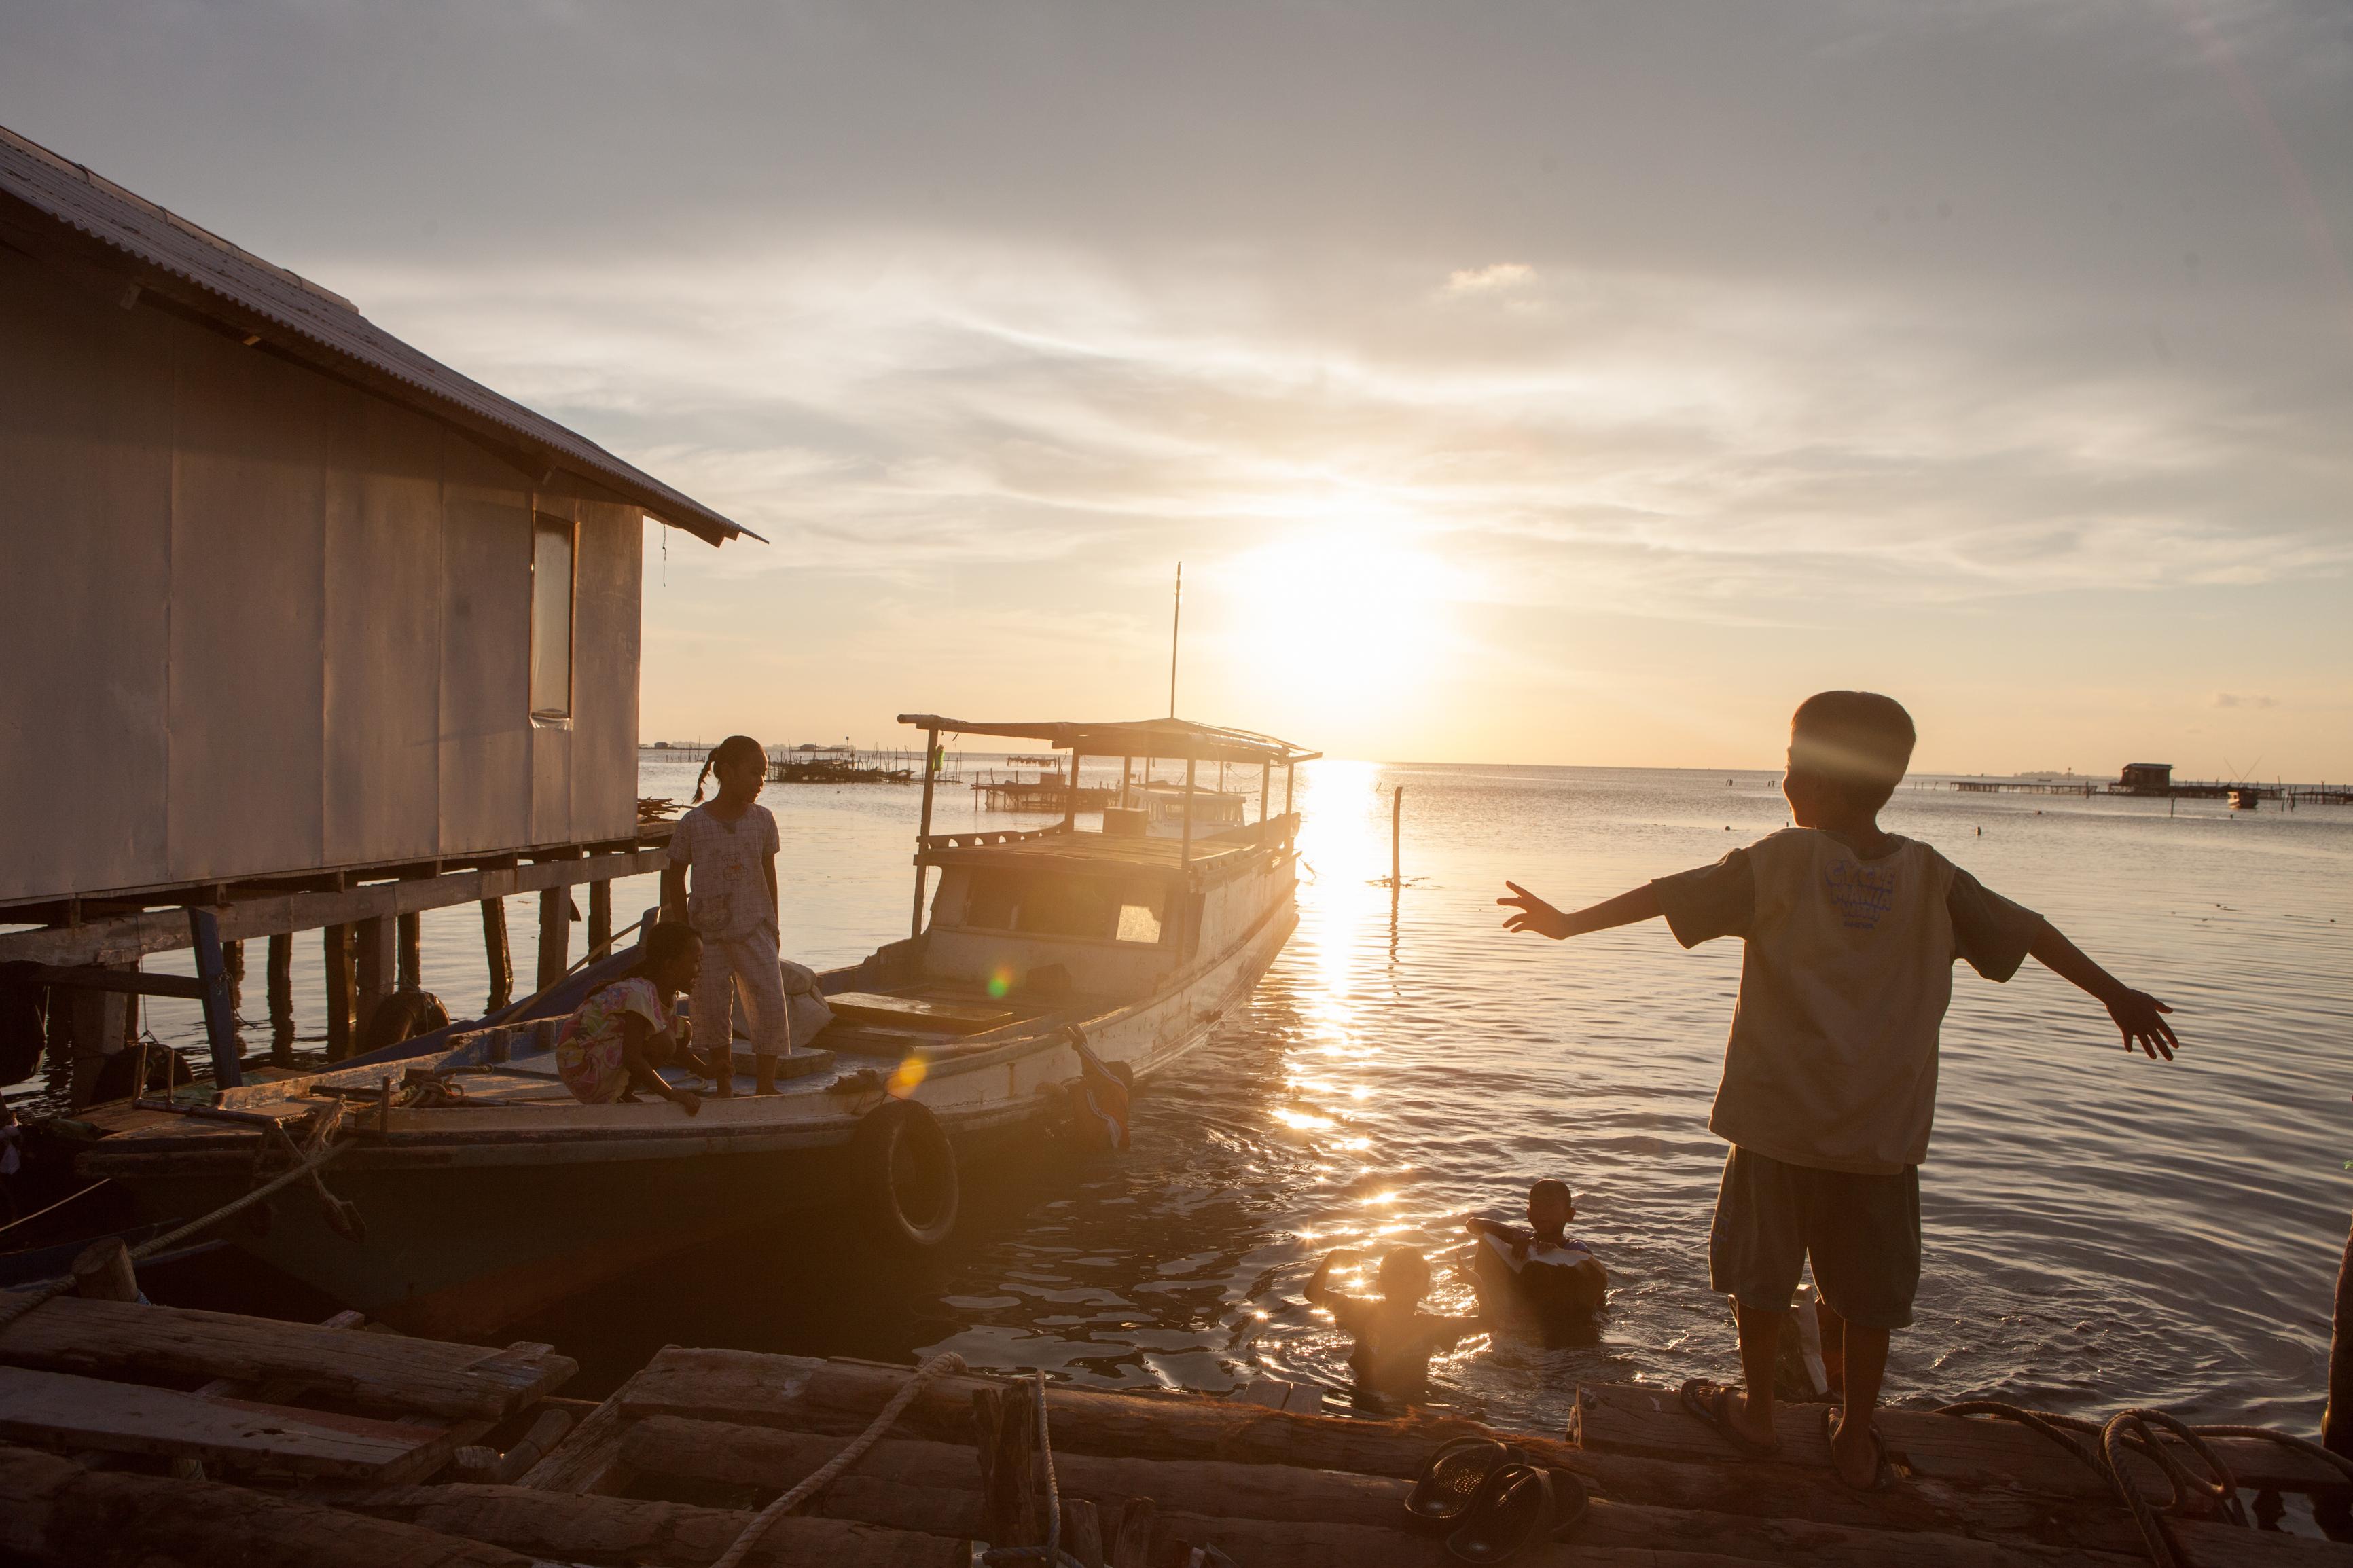 Sightseeing in Yogyakarta für die hannoverschen Masterstudenten